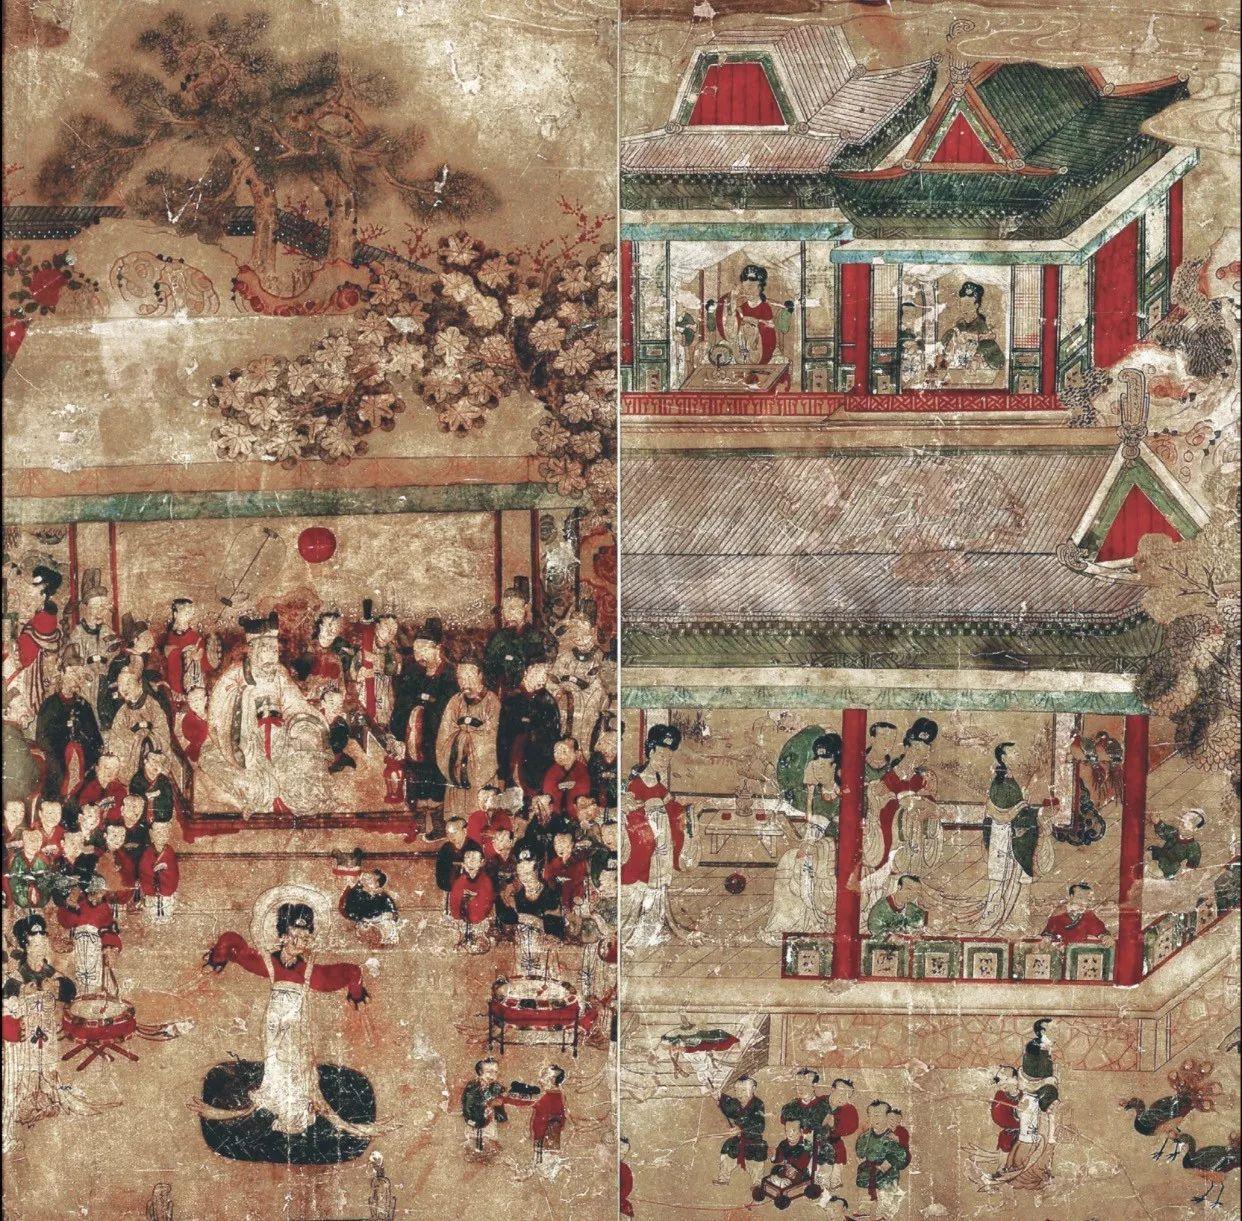 古代朝鲜高丽王朝的绘画作品,描绘了周穆王与西王母在瑶池相见的场景